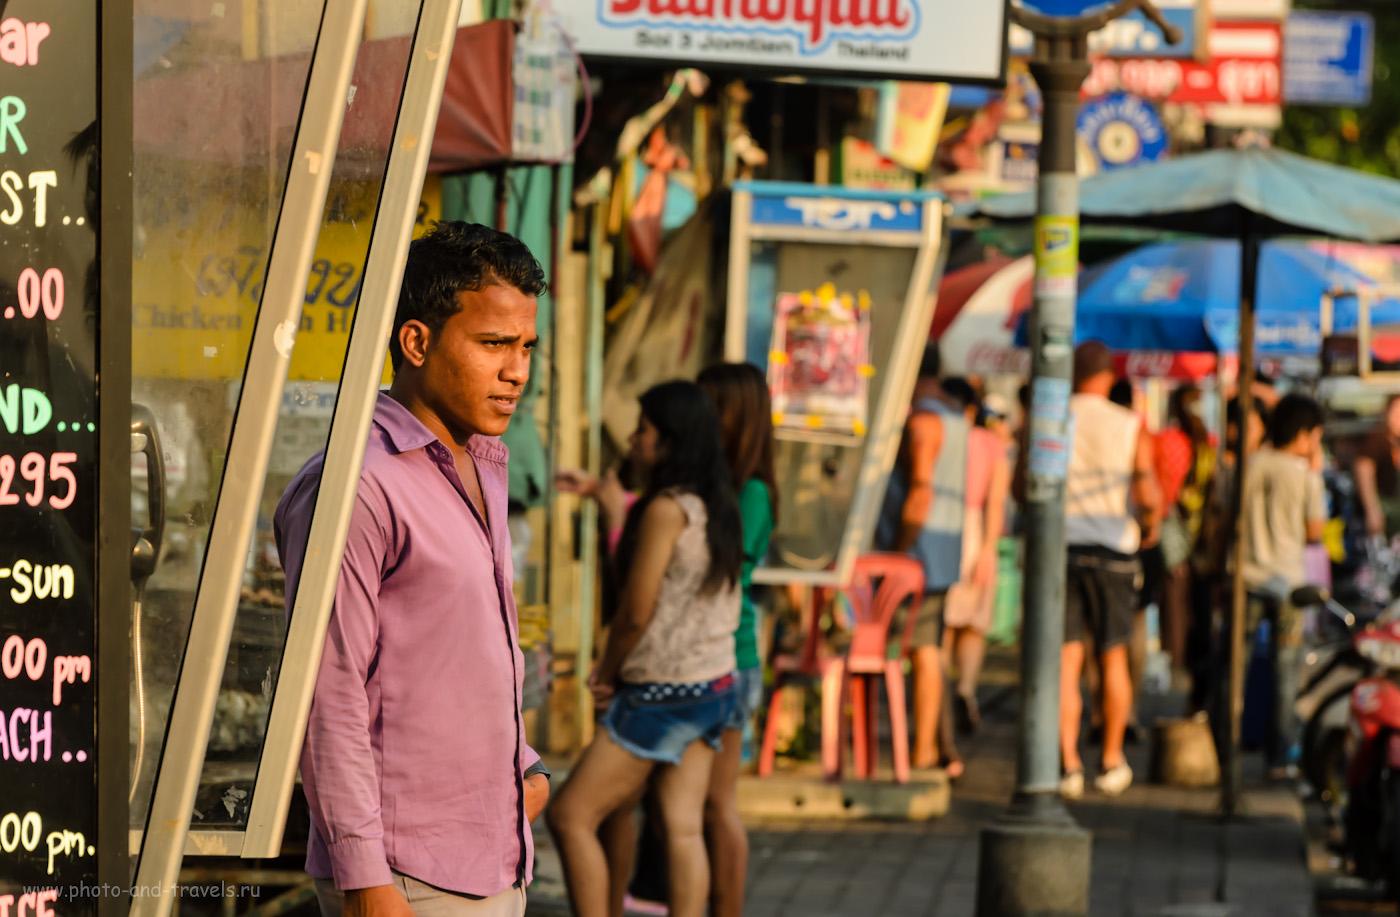 Отдых на пляже Джомтьен-Бич в Паттайе. Отзывы туристов о поездке в Таиланд. Портрет, снятый на телеобъектив Nikon 70-300. 1/500 сек, f/4.8, 140 мм, 400